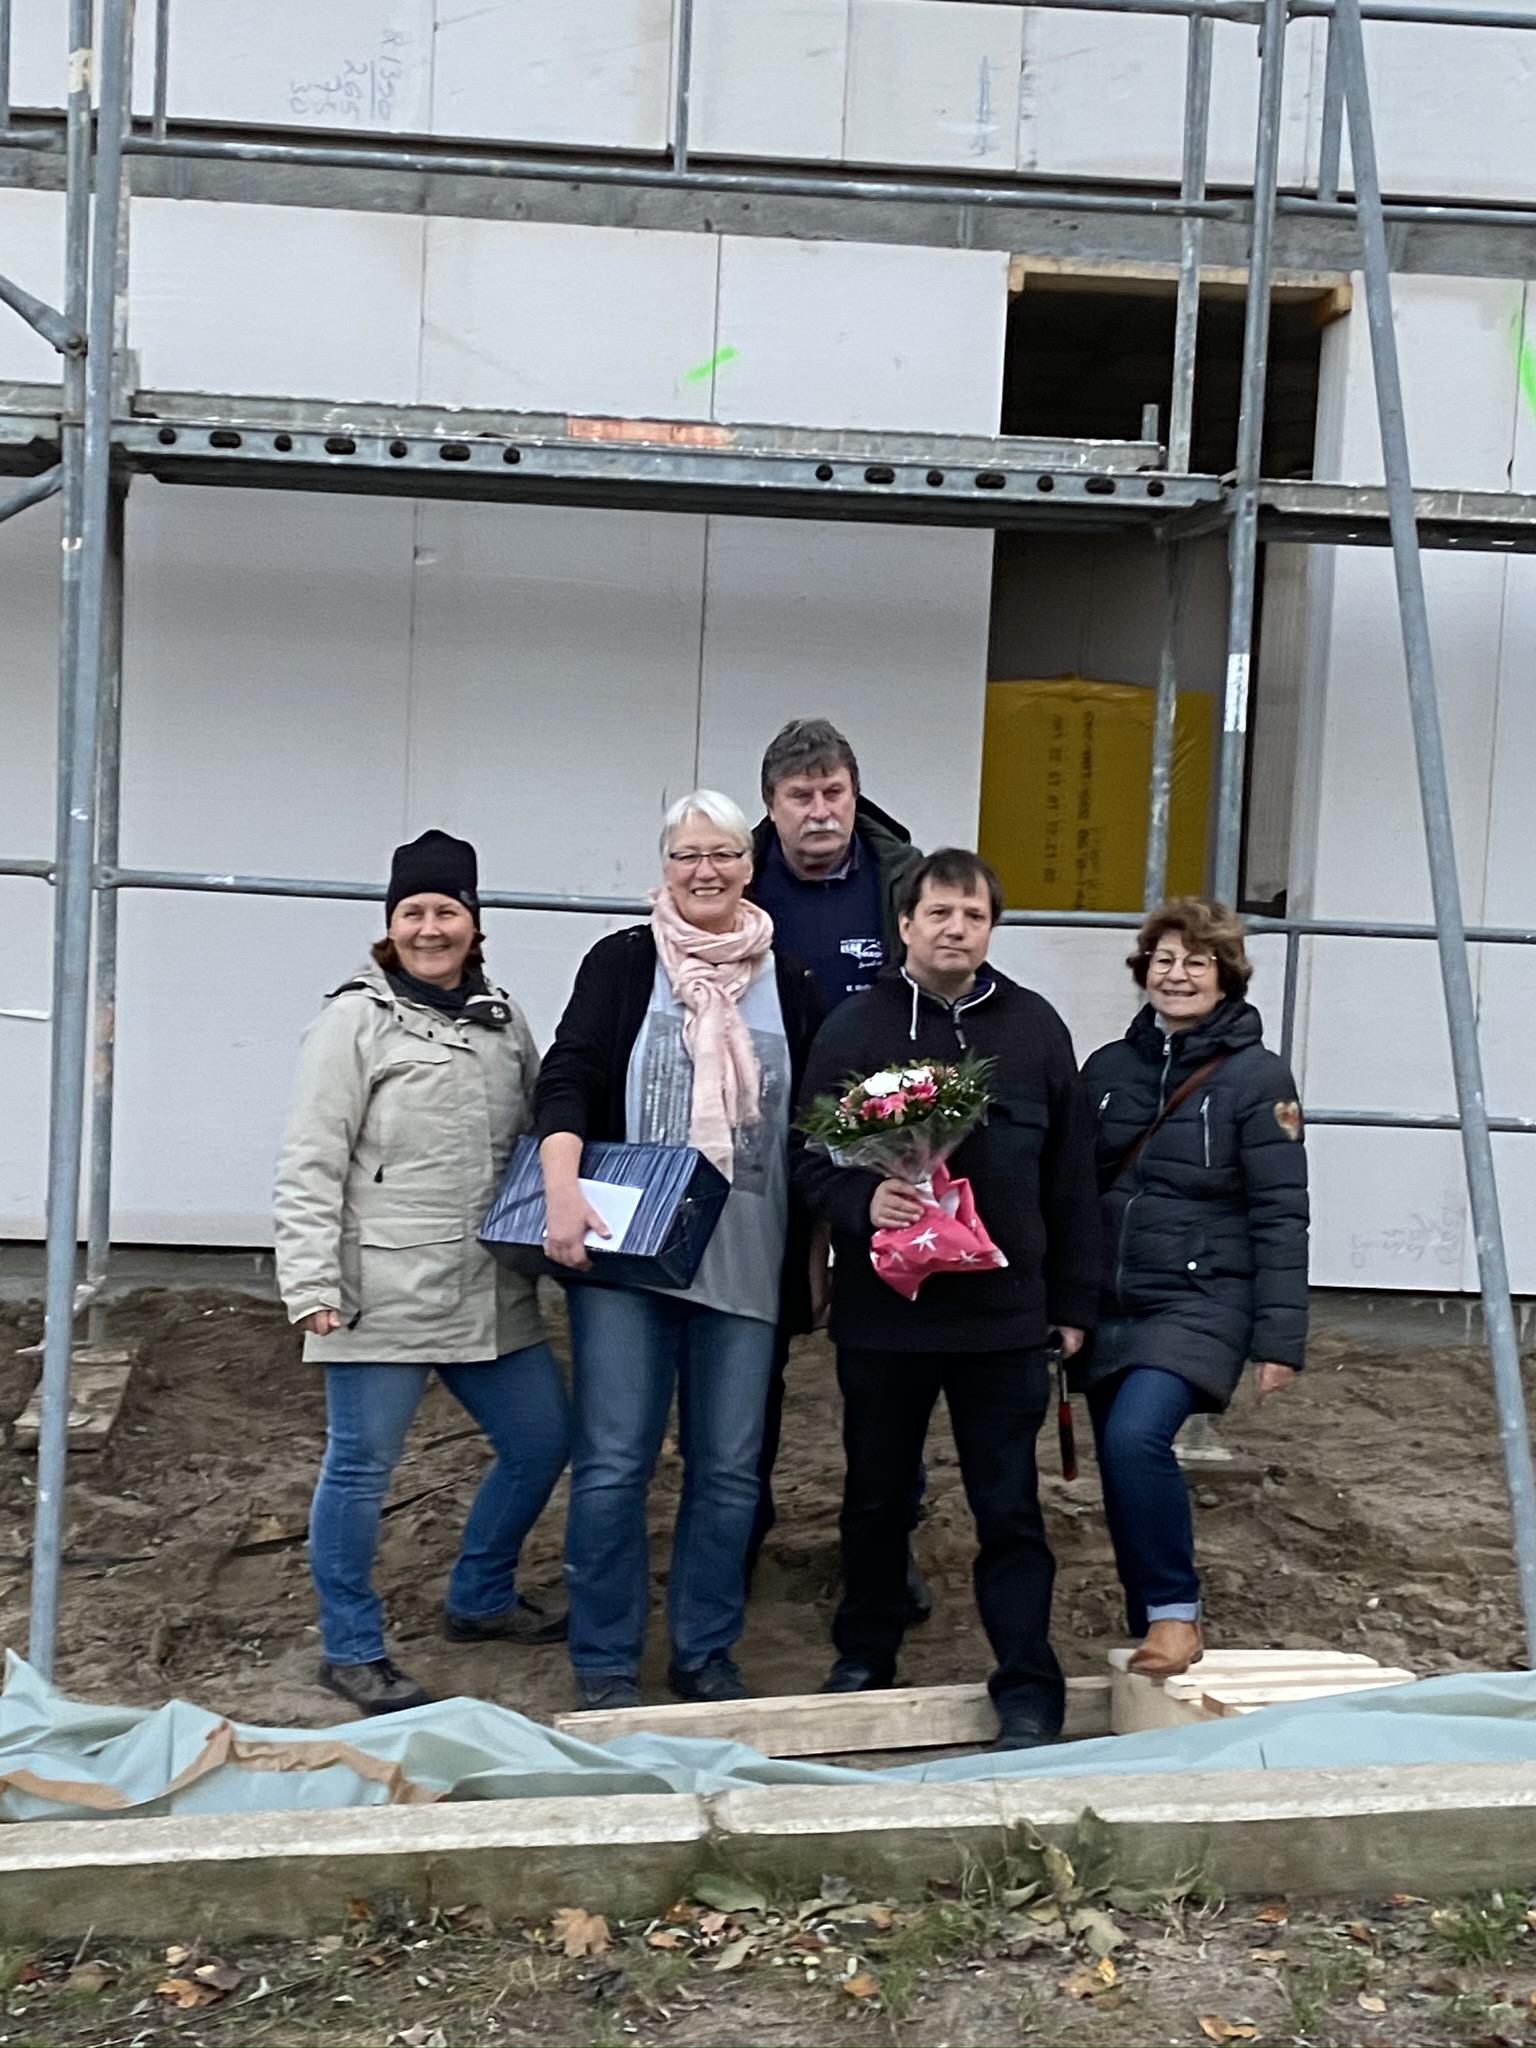 Wir, Bauleitung, Architektin und Hausverkäufer